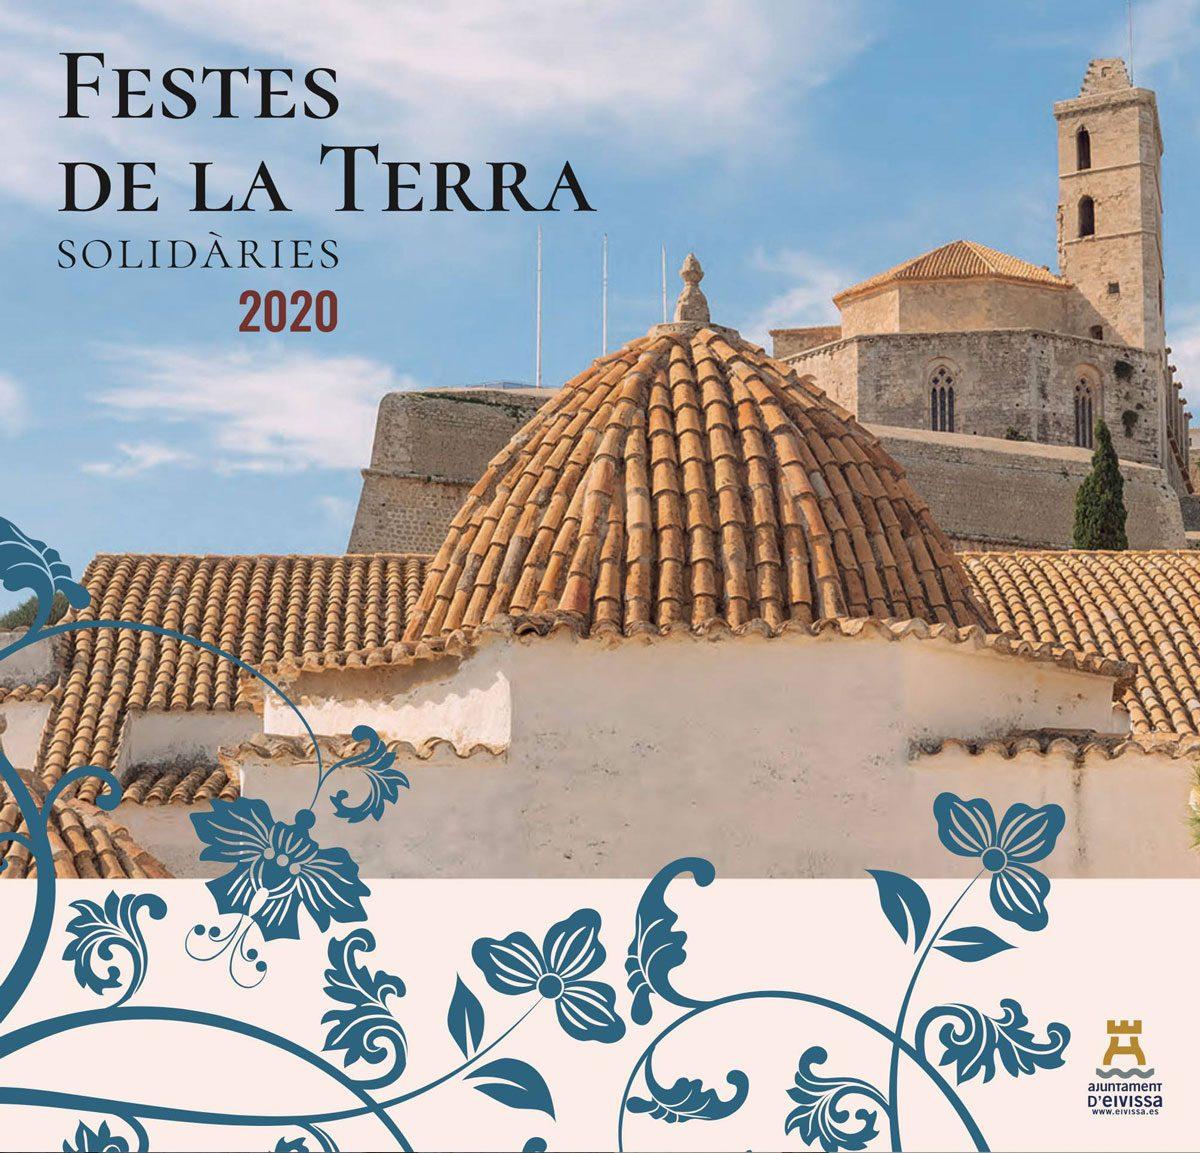 fiestas-de-la-tierra-2020-ibiza-welcometoibiza